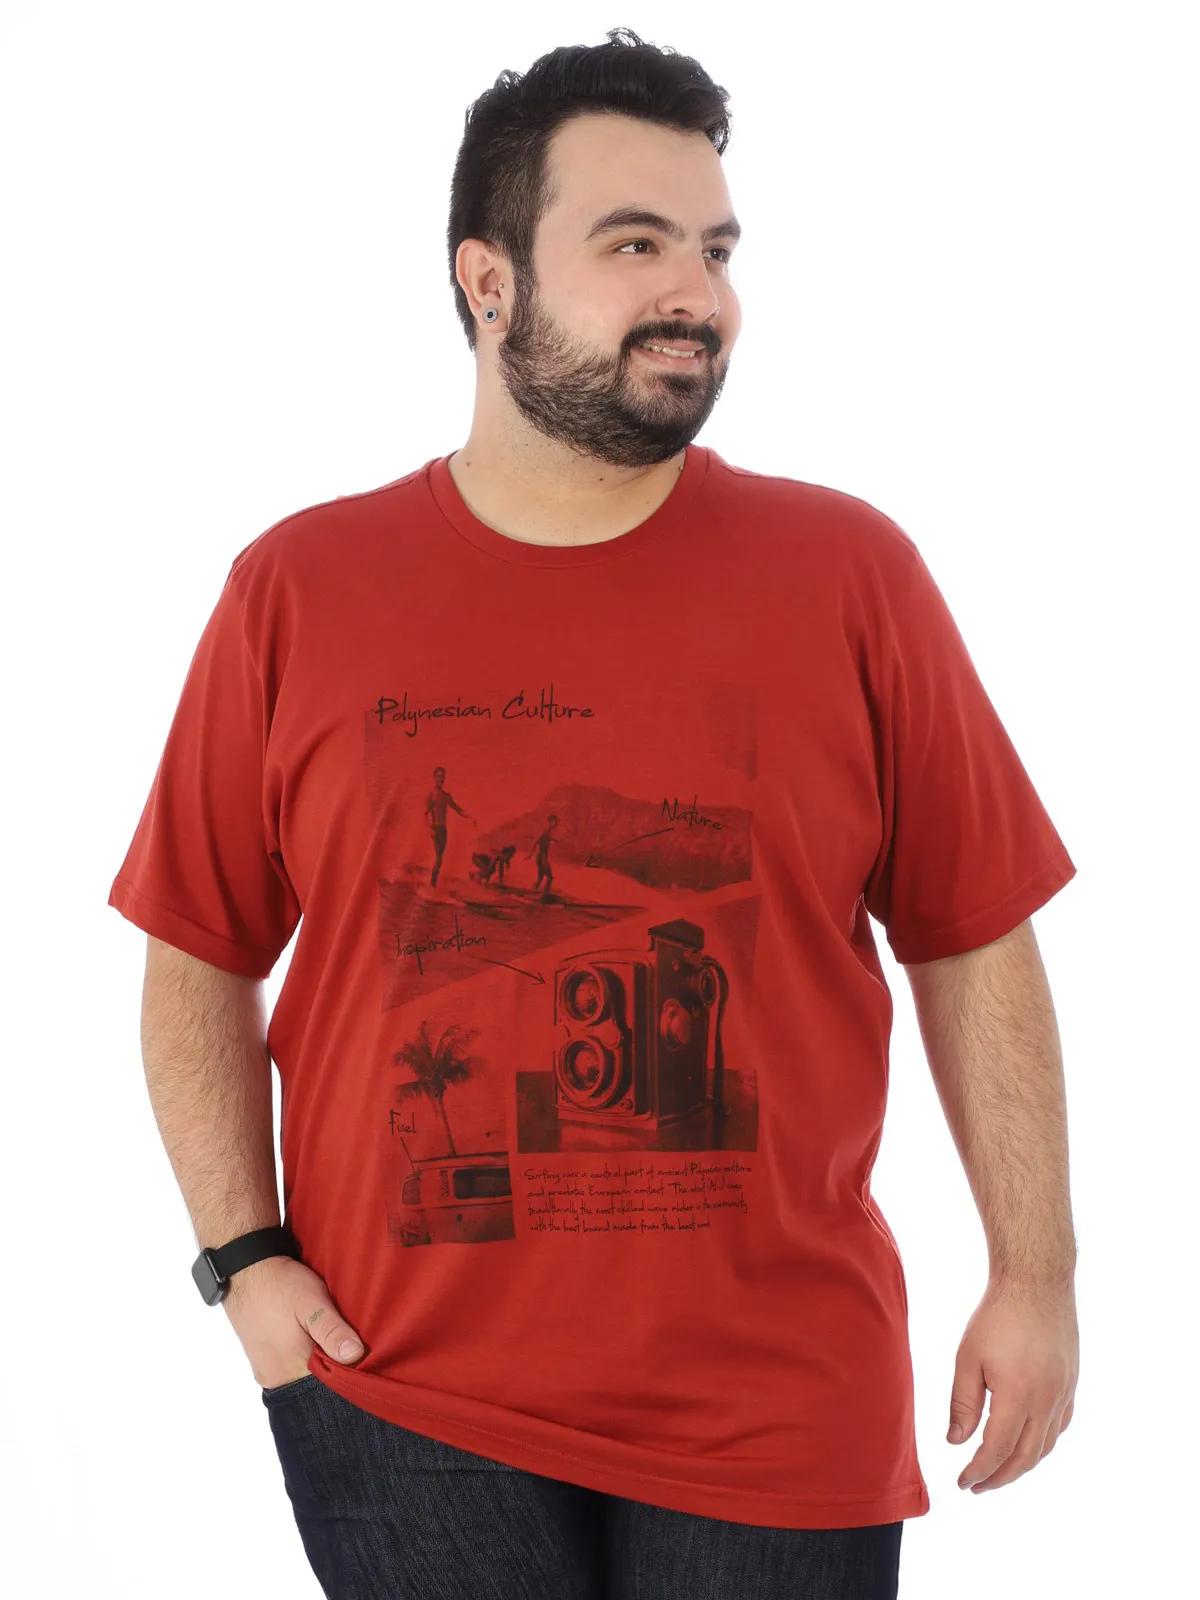 Camiseta Plus Size Masculino Estampa Gola Careca Ferrugem